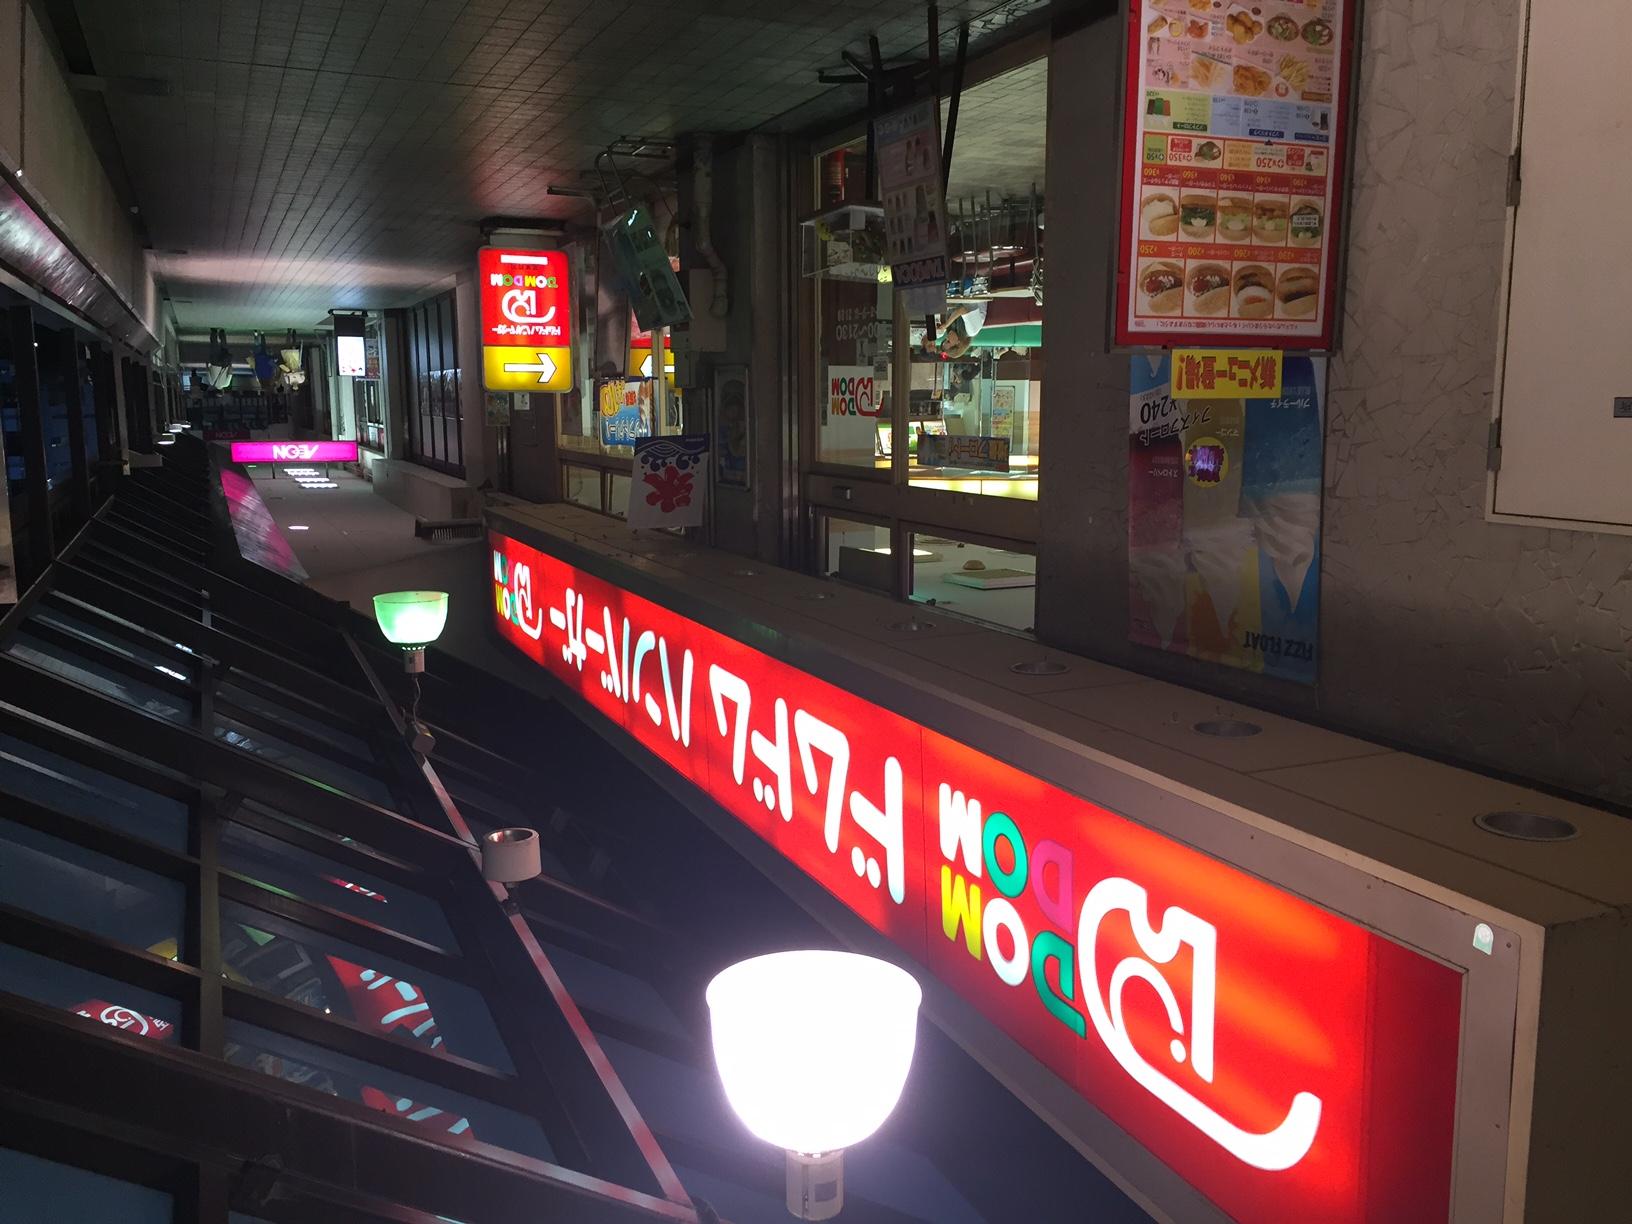 グルメ@日本一のドムドムハンバーガー、京橋店に行ってみた #ドムさんぽ